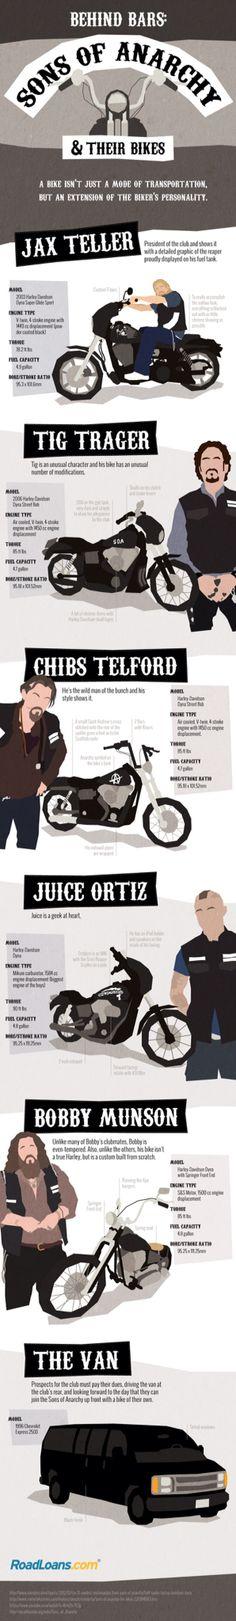 Sabias que moto utilizan los Sons